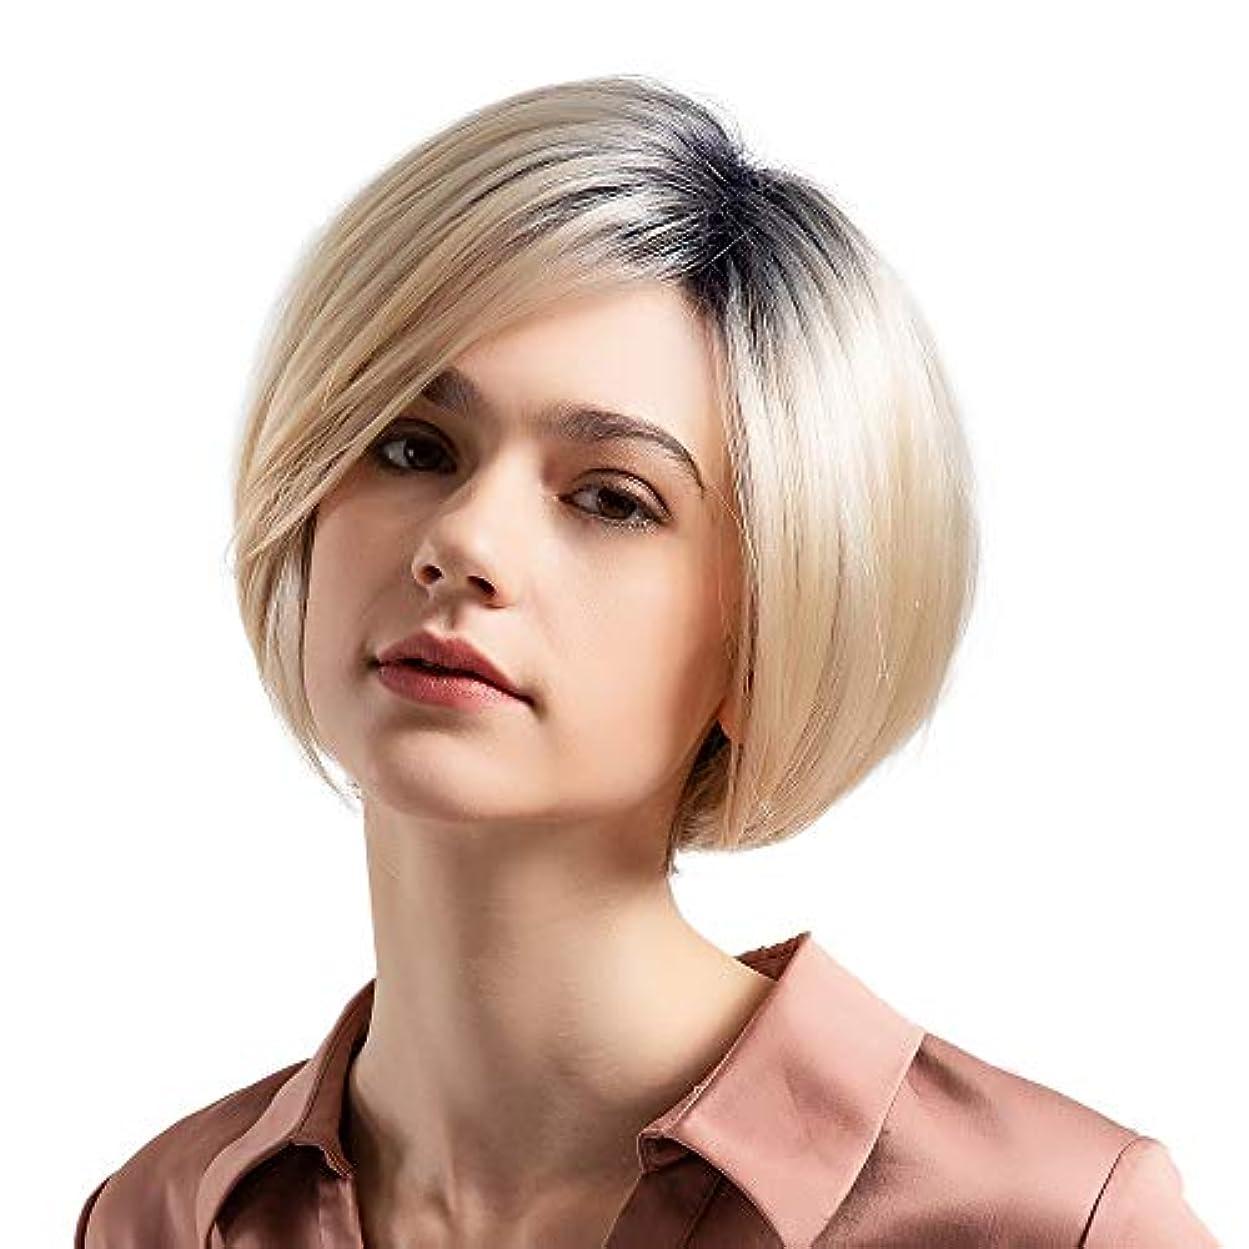 地殻無限プランターウィッグショートボブストレートヘア50%リアルヘアウィッグ女性のファッショングラデーションウィッグ